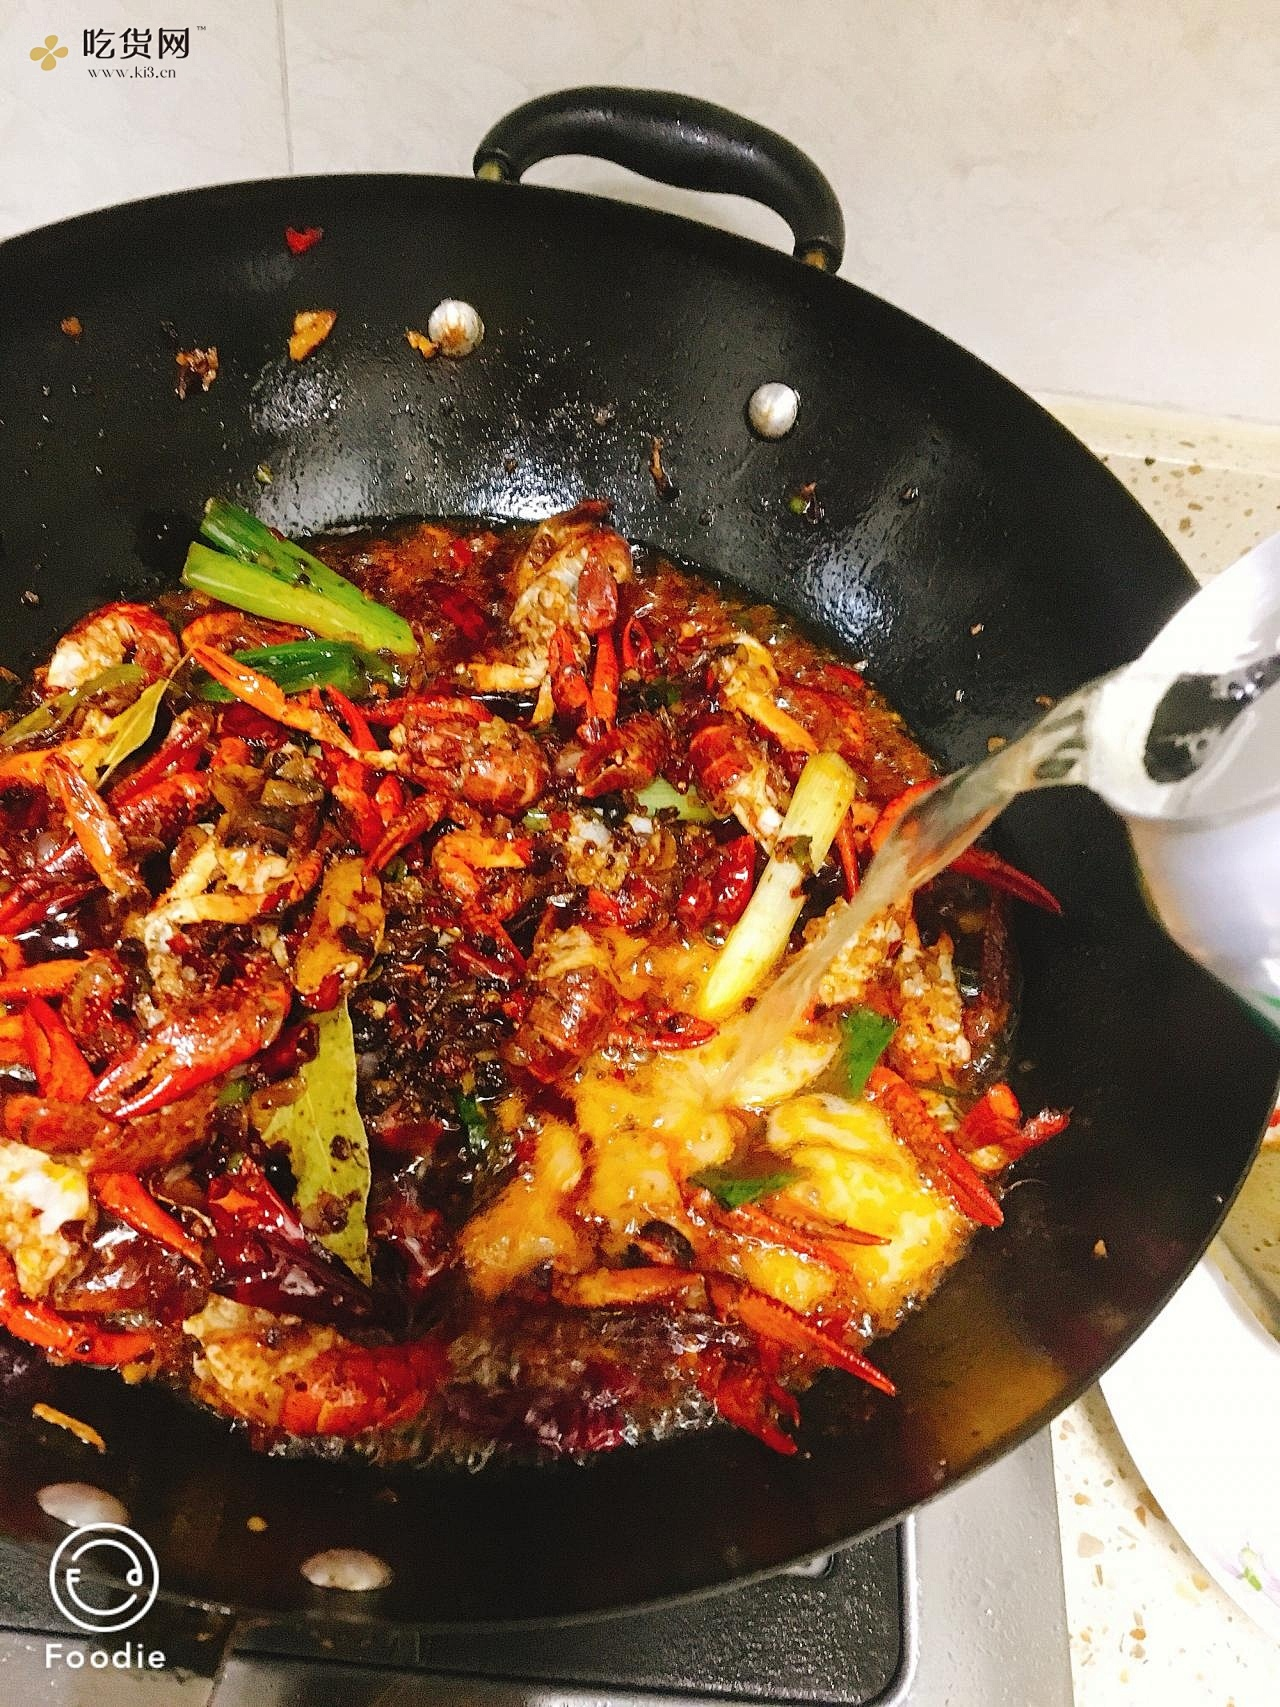 麻辣小龙虾(独创四川口味)的做法 步骤9